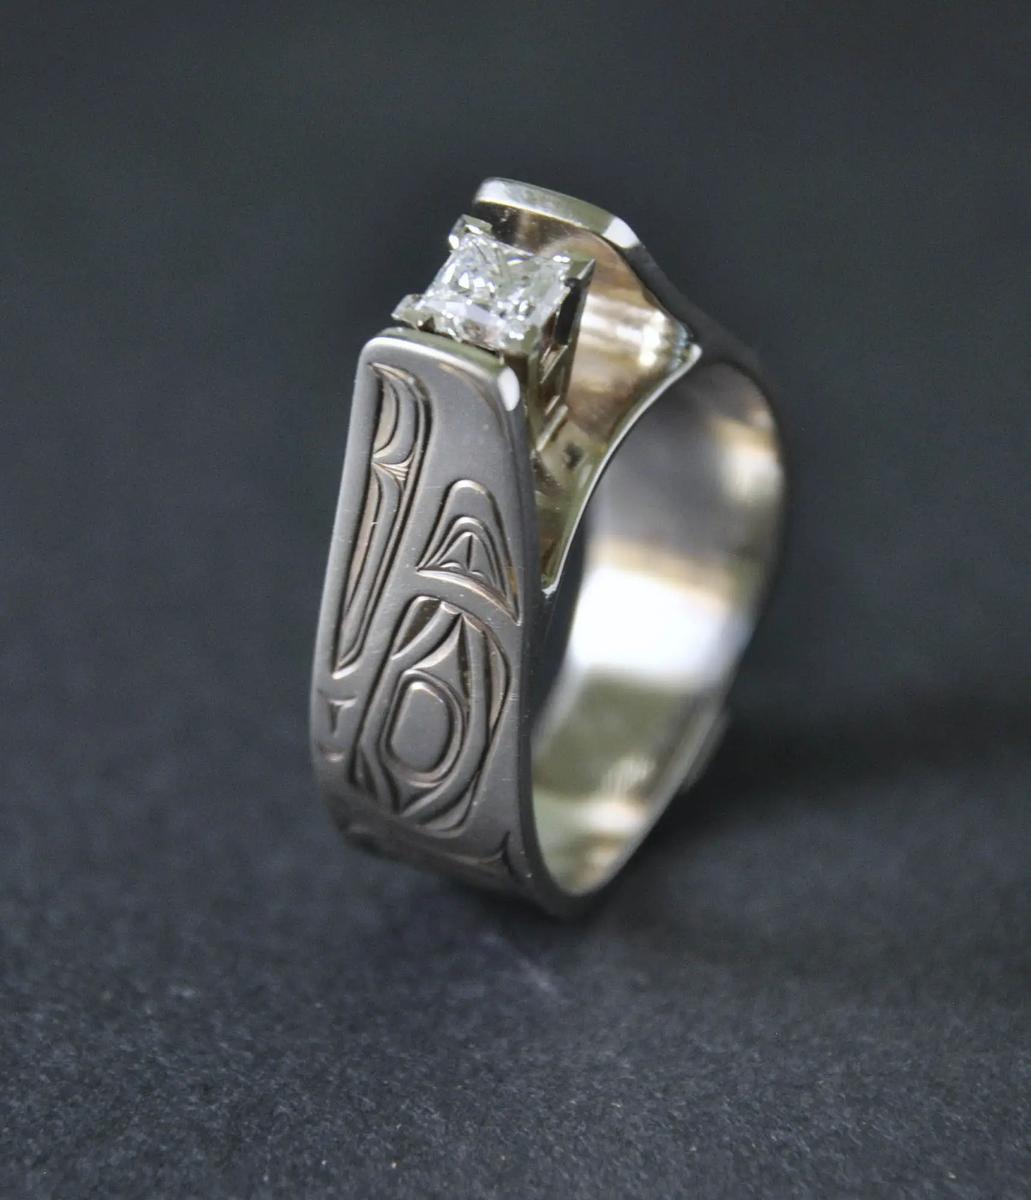 Eagle White Gold & Diamond Ring